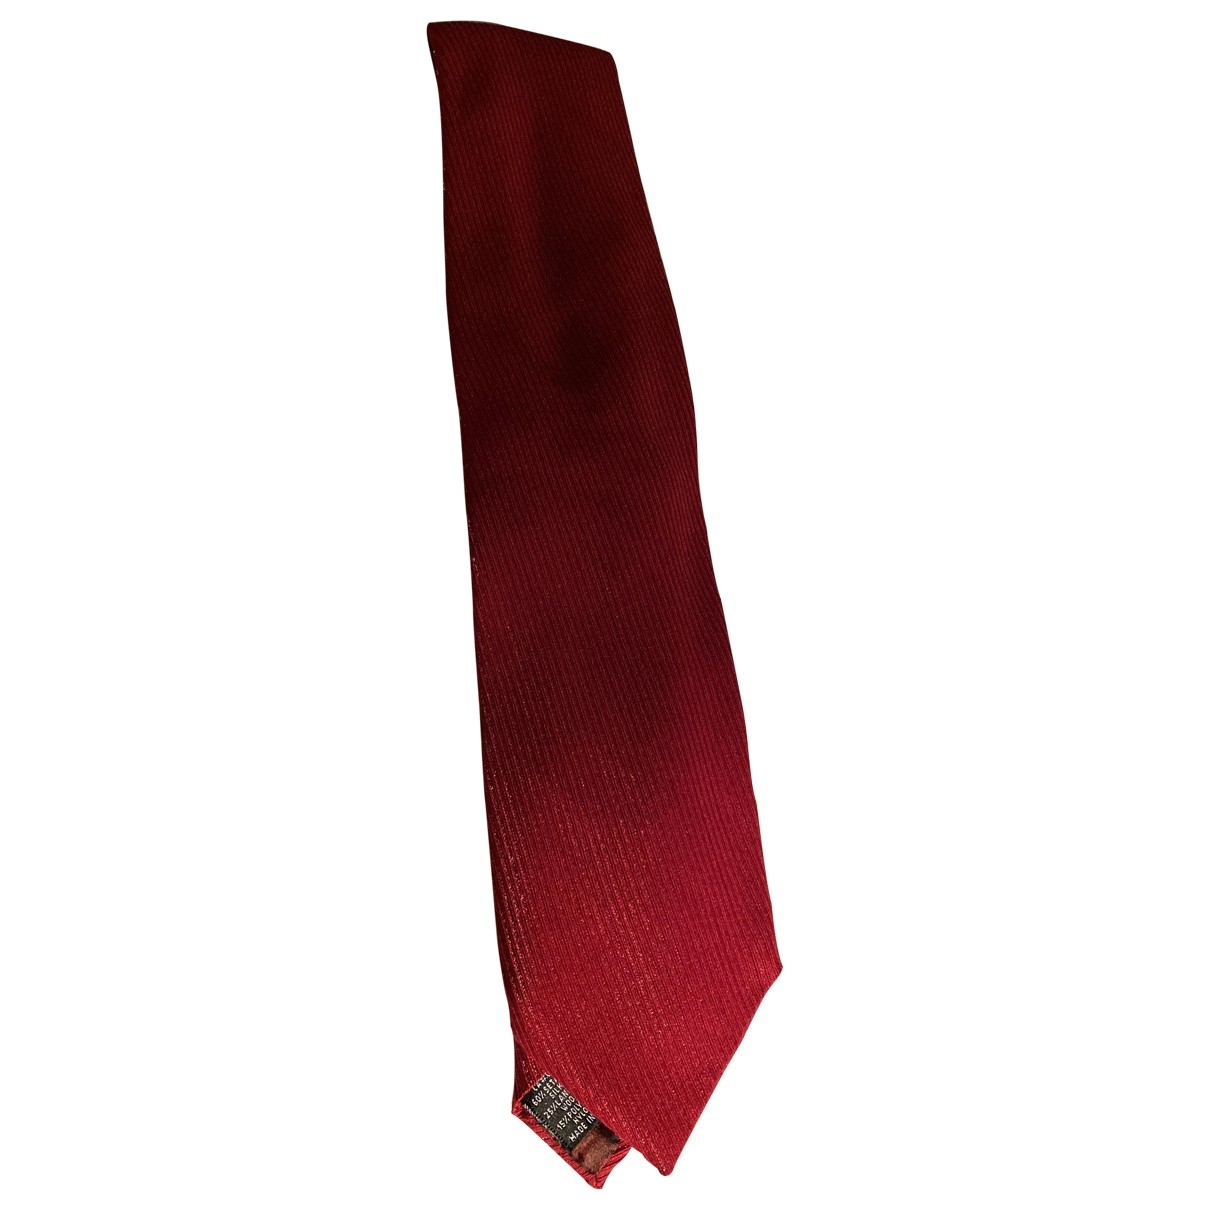 Corbata de Seda Armani Collezioni